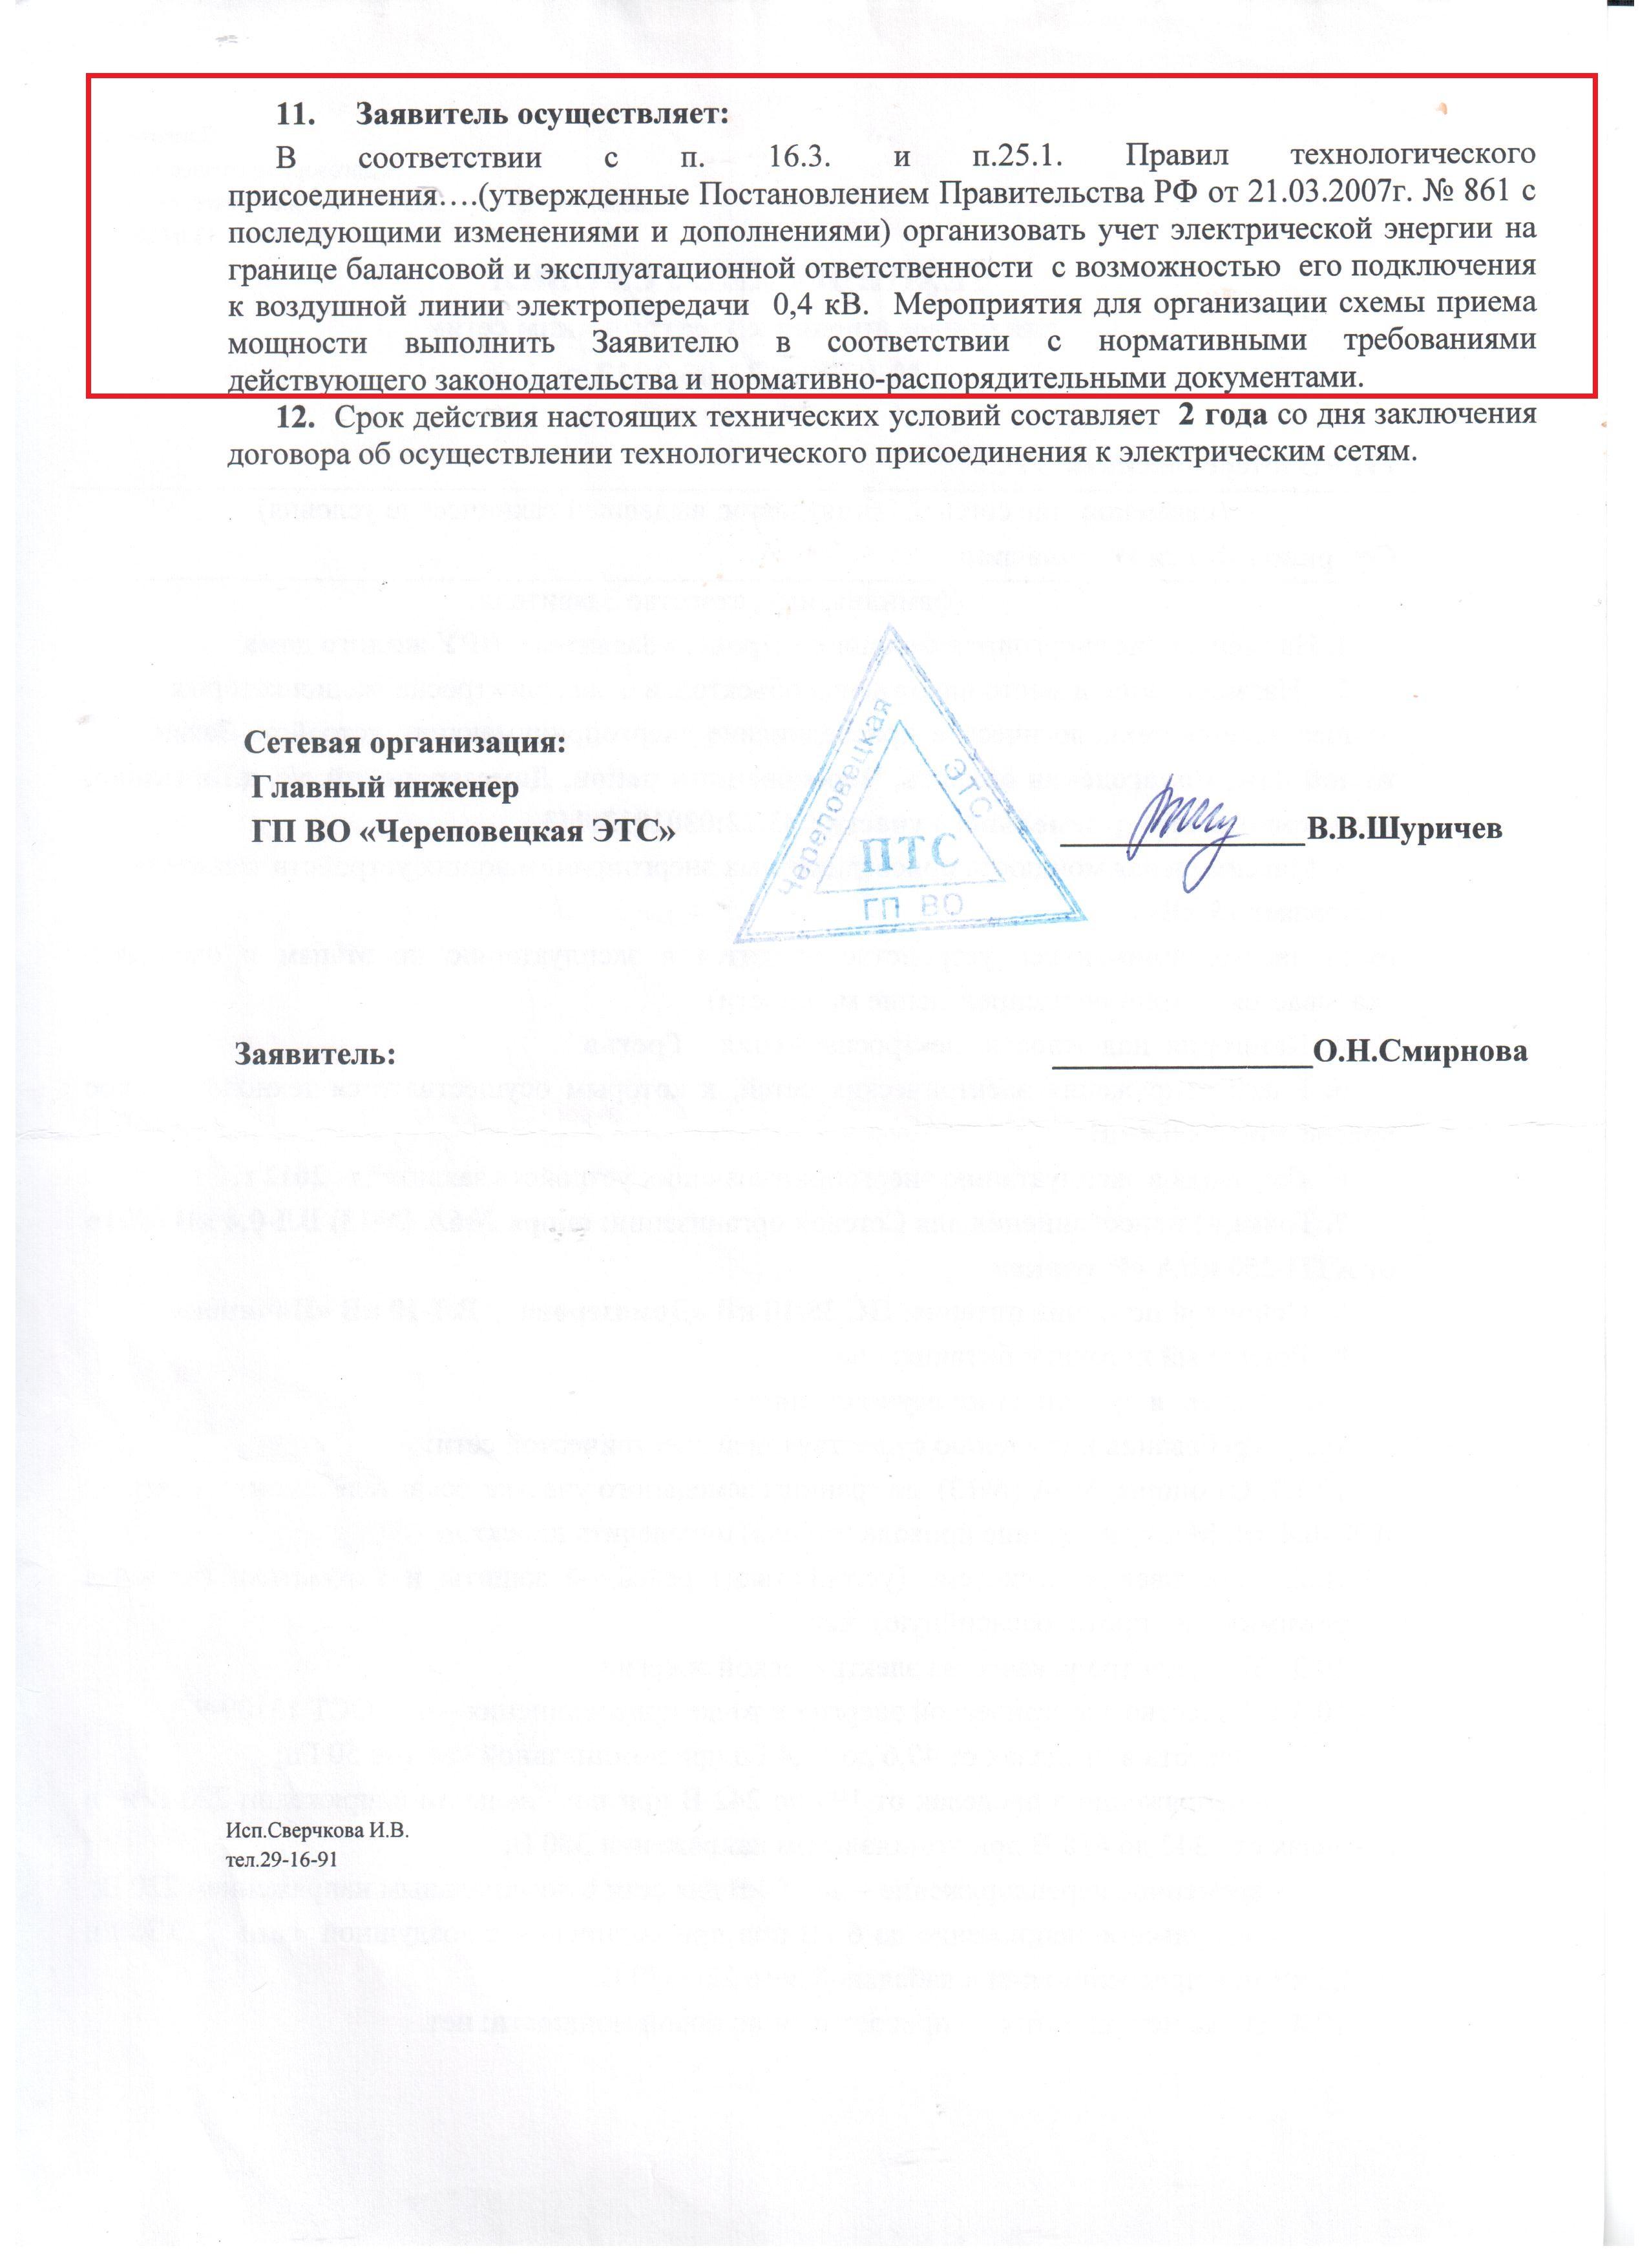 ТУ к варианту соглашения от 25.05.12 стр2 001